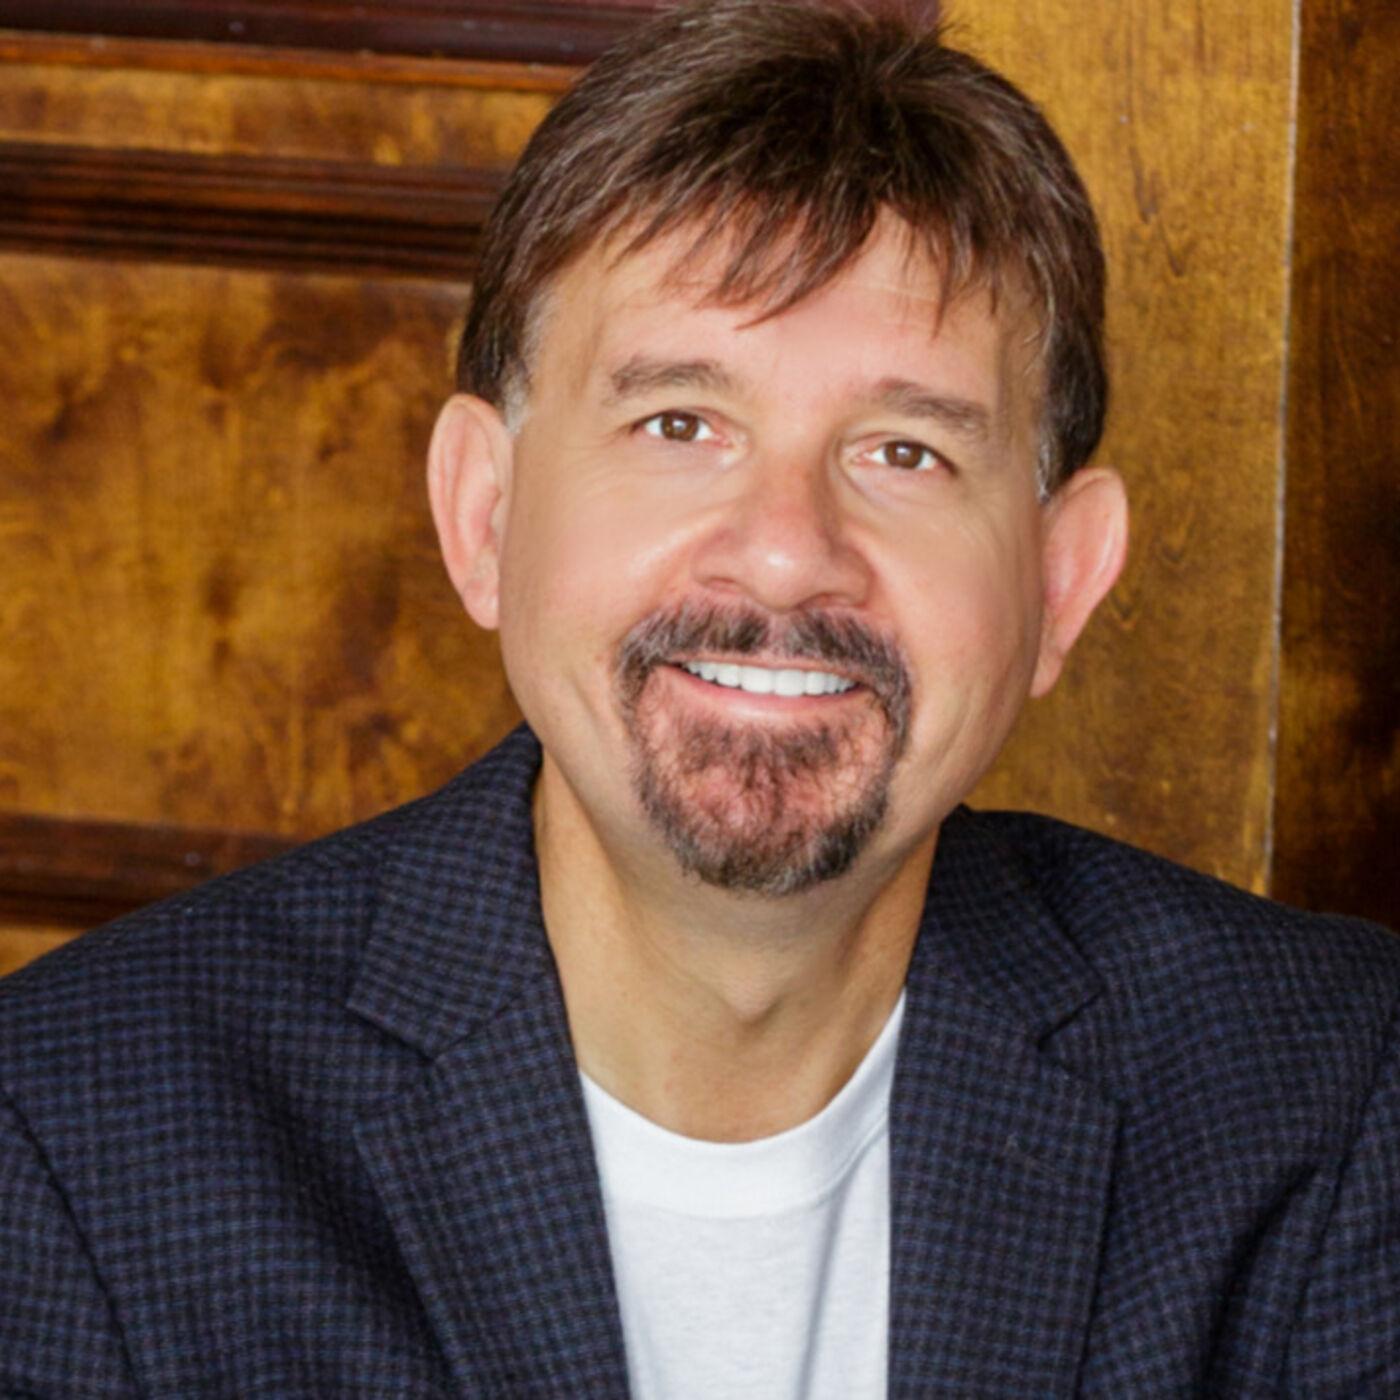 Dr. Joseph Michelli of The Michelli Experience